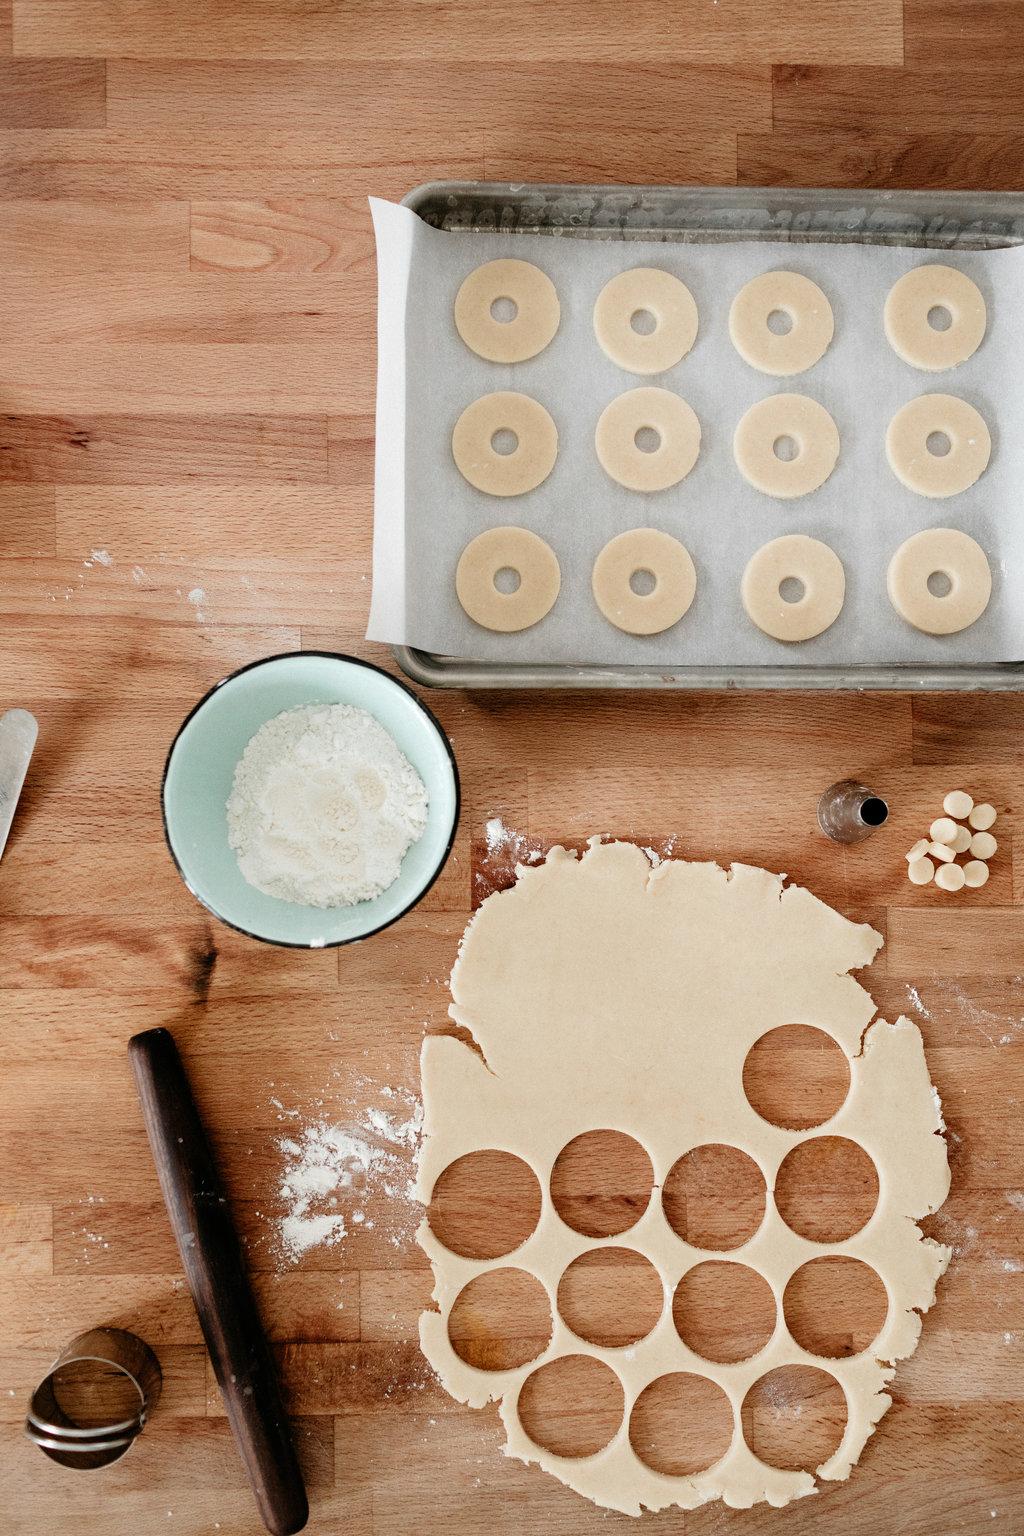 mollyyeh-landolakes-cookiesalad-12.jpg